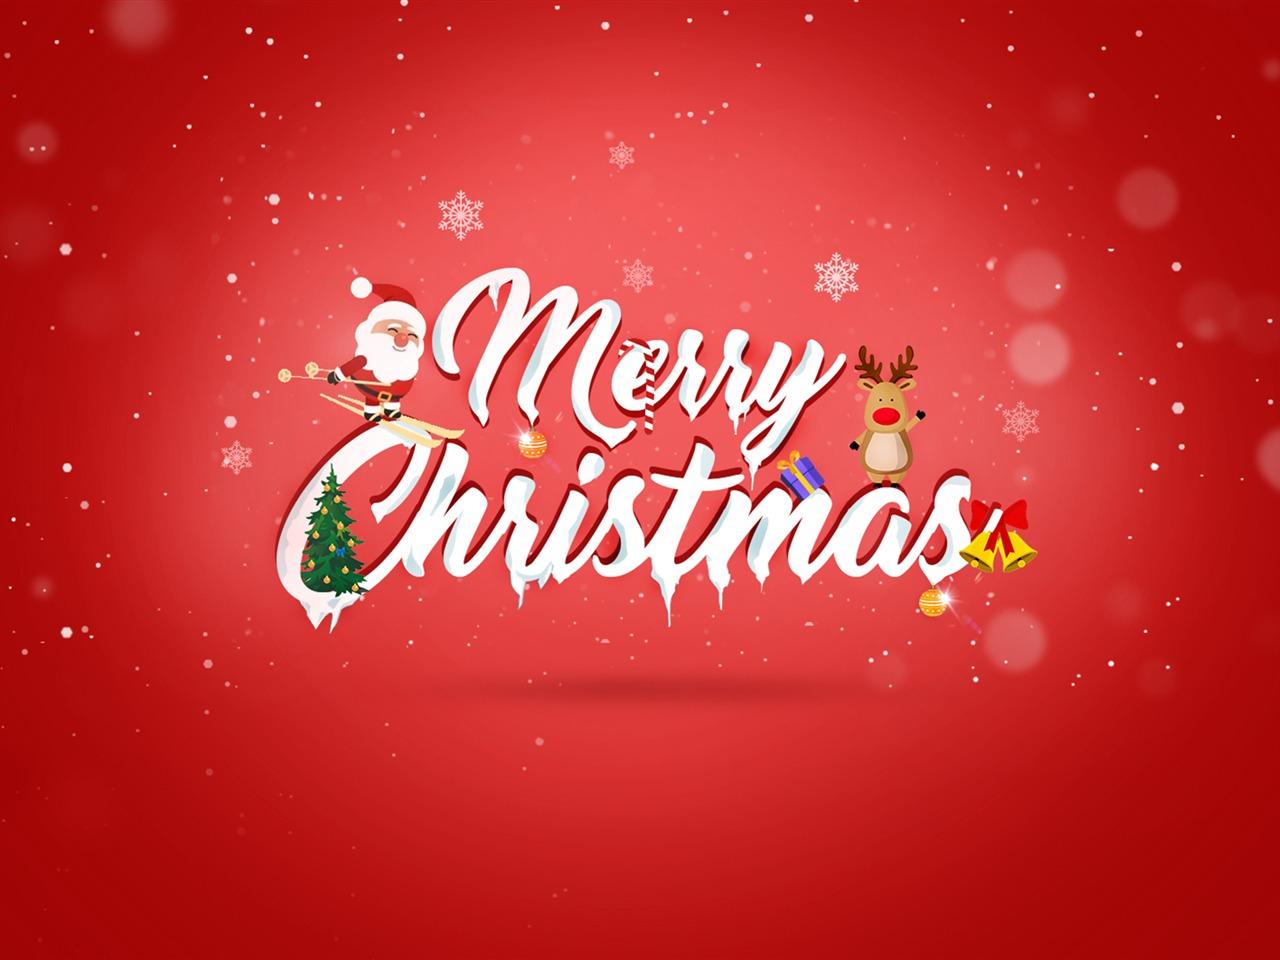 2013年白色情人节_2017年快乐圣诞新年高品质桌面壁纸预览 | 10wallpaper.com